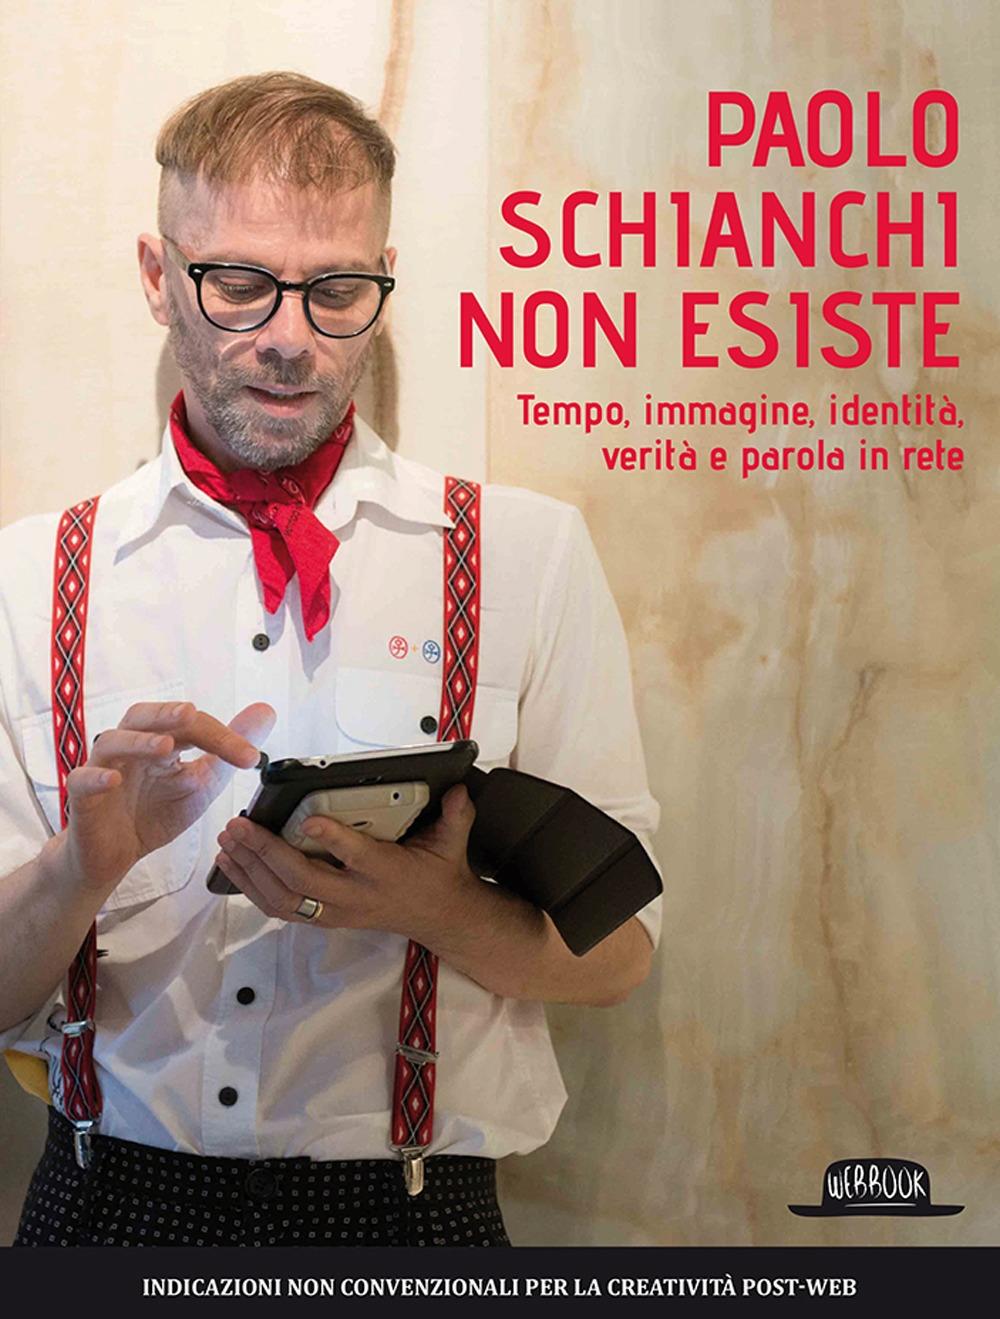 Paolo Schianchi non esiste. Tempo, immagine, identità, verità e parola in rete